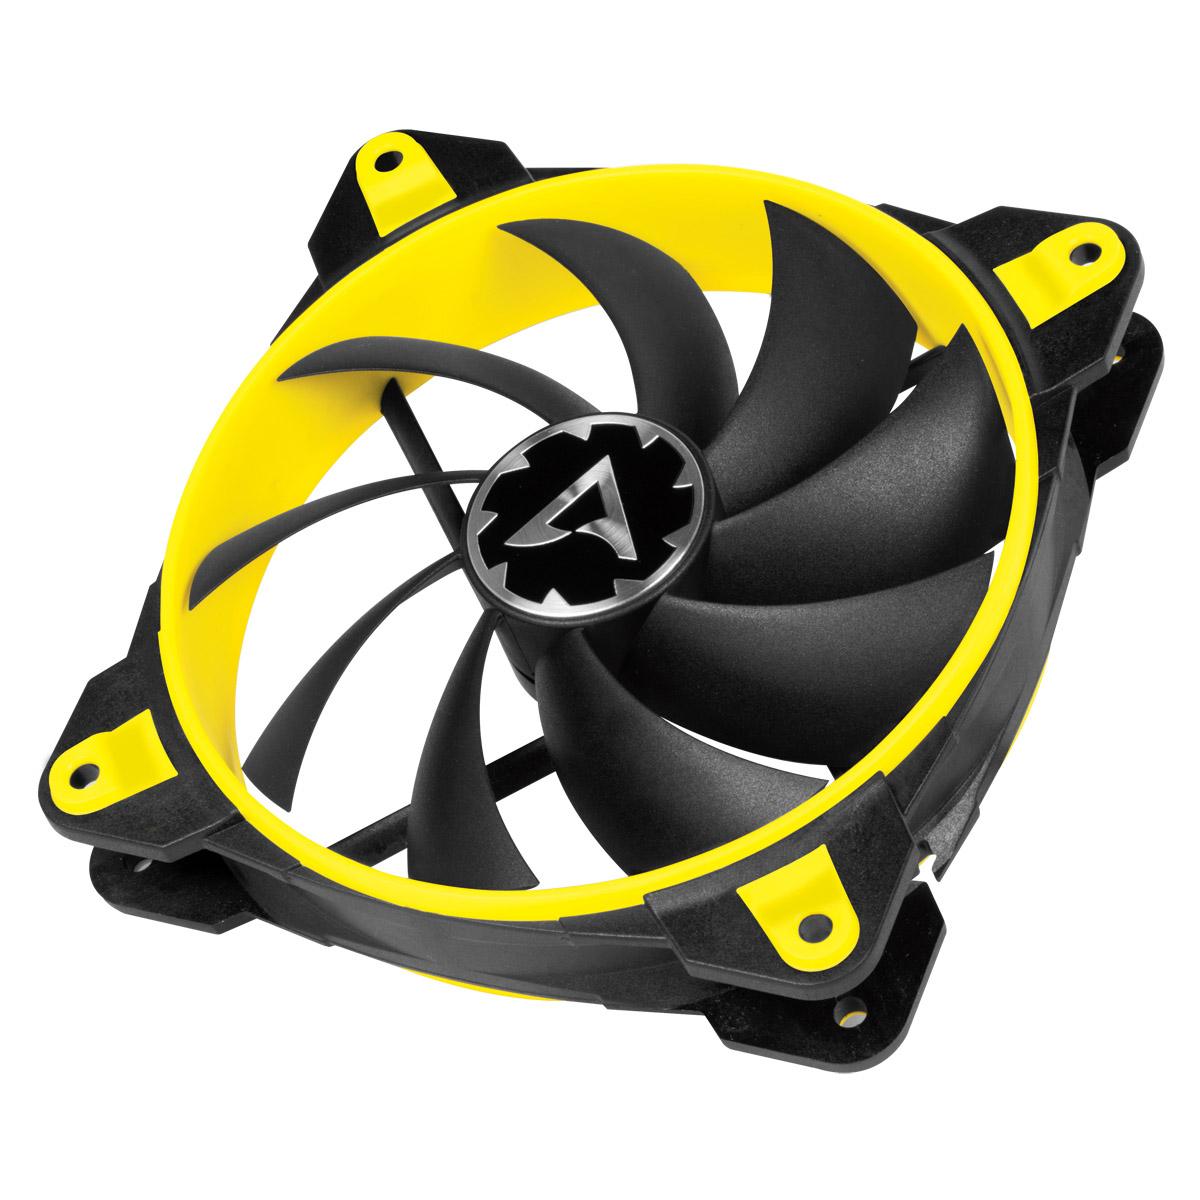 ARCTIC BioniX F120 (Yellow) – 120mm eSport fan